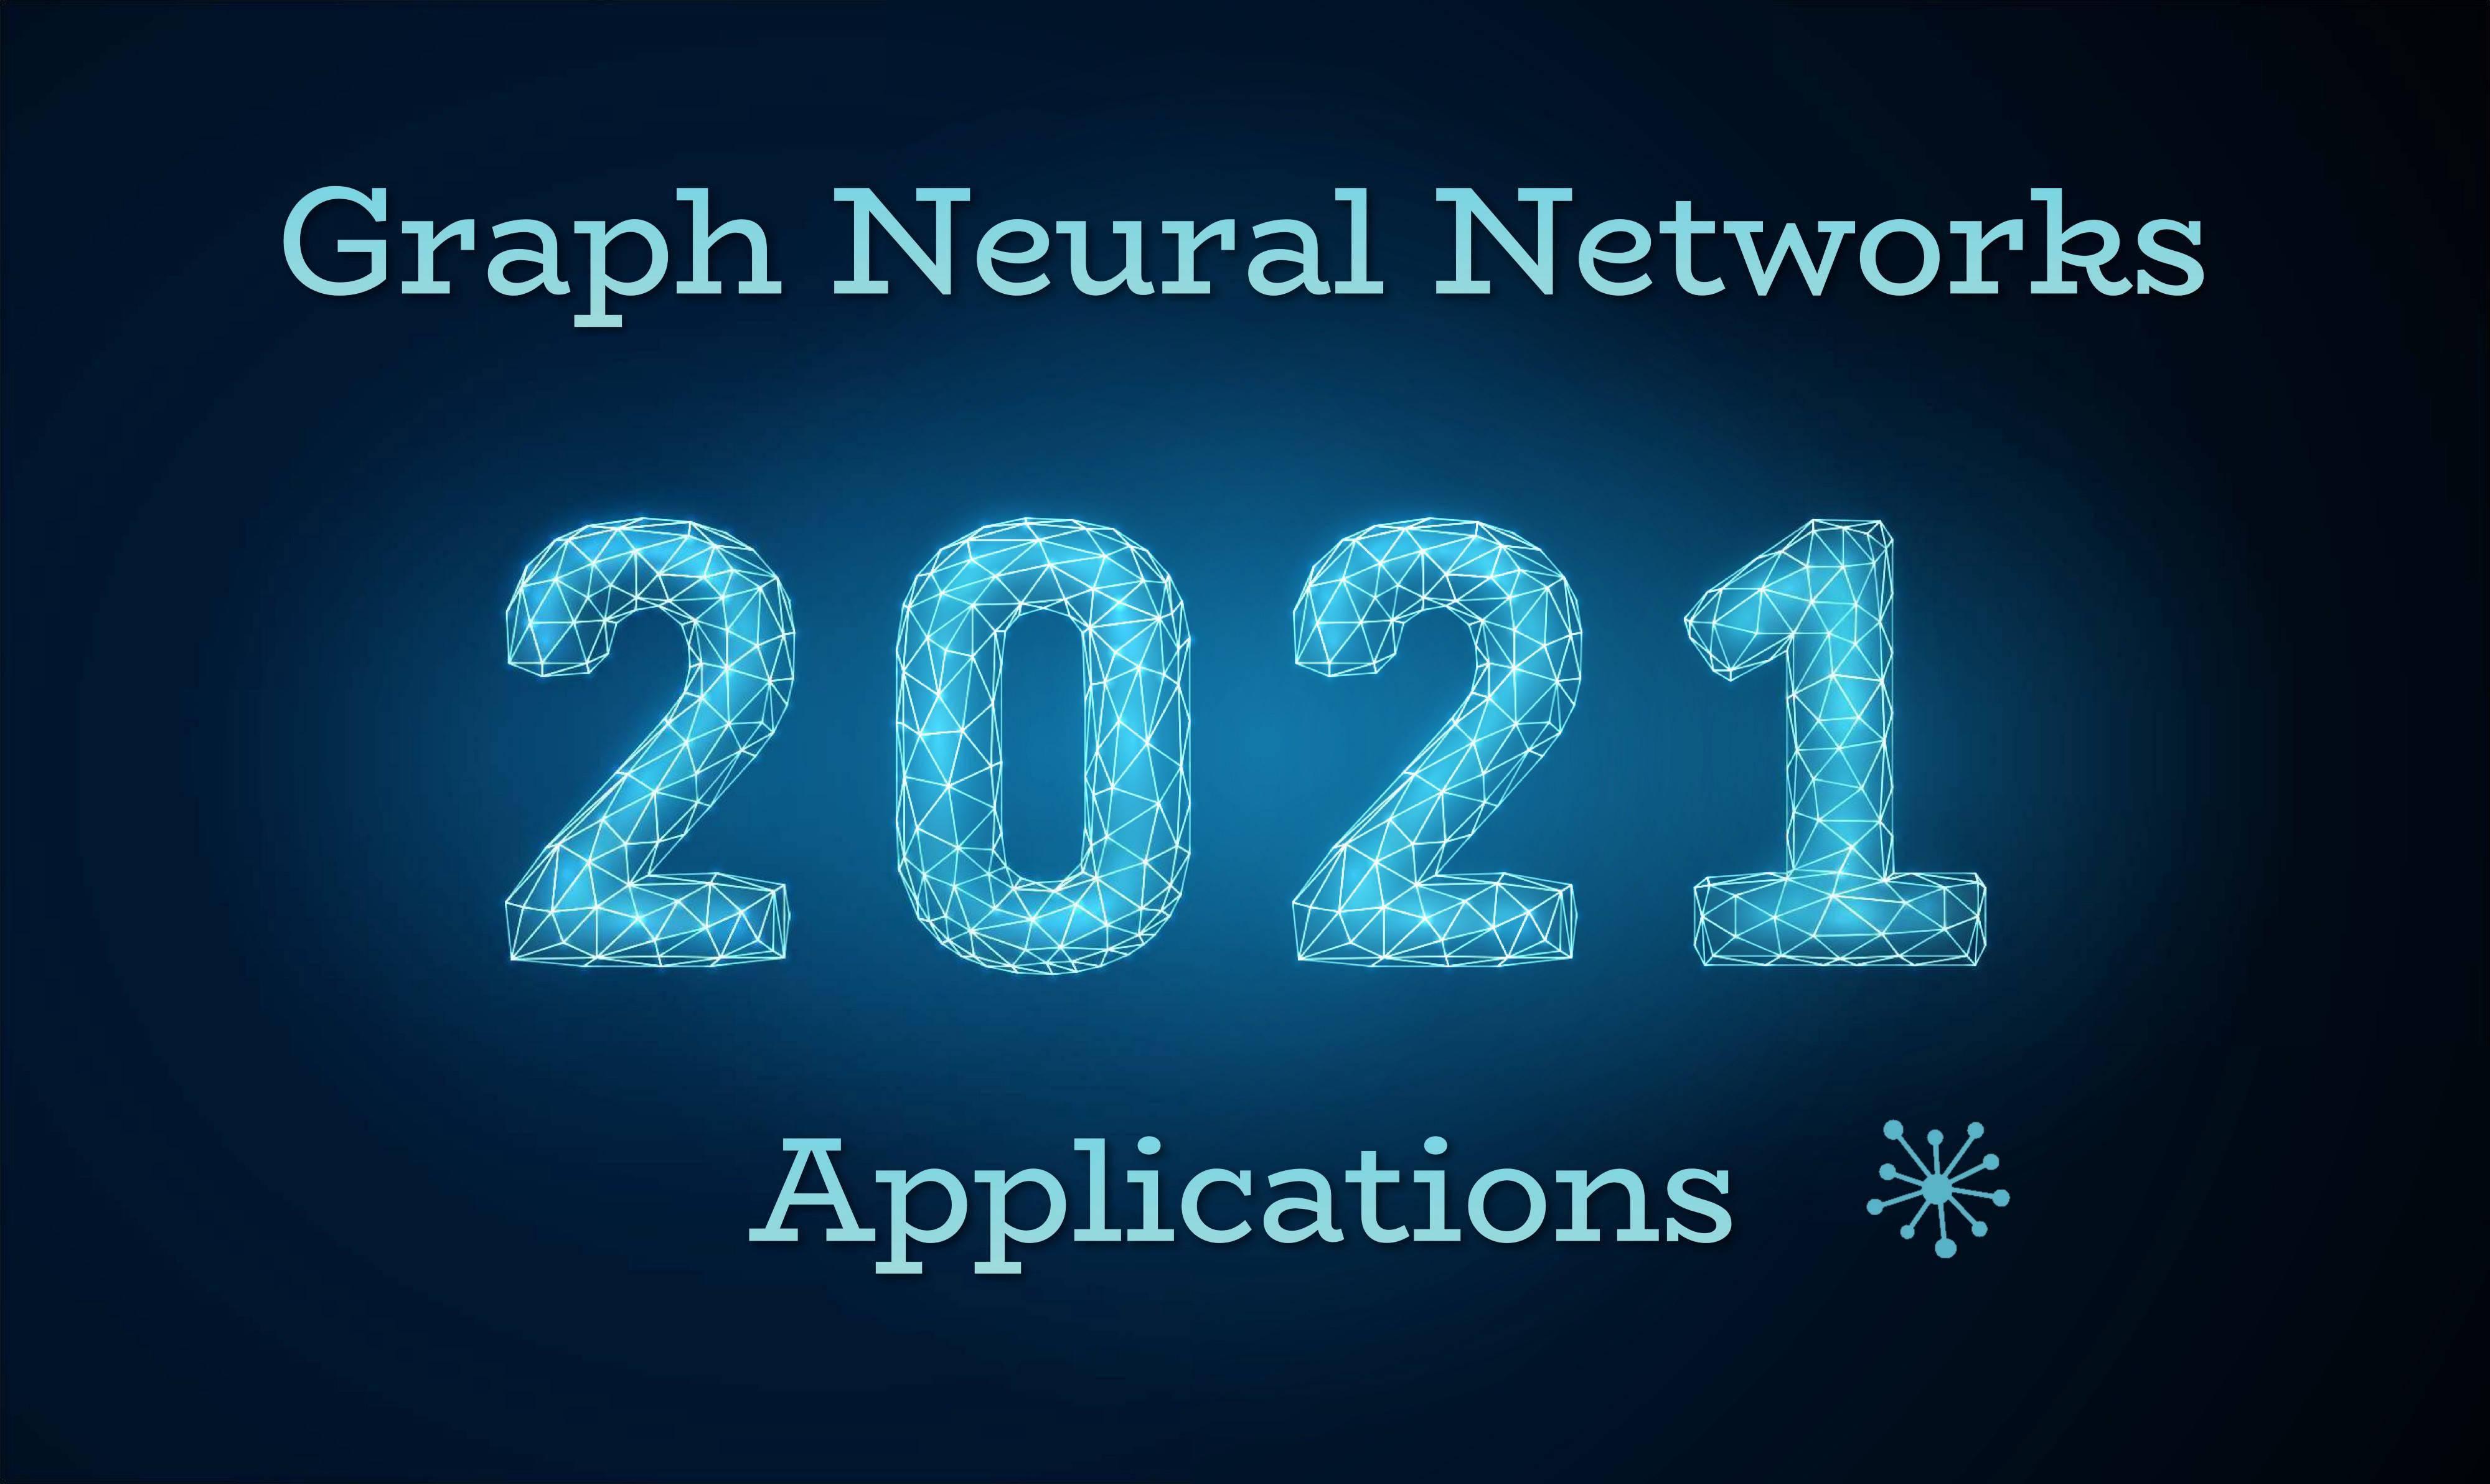 准备好了吗?GNN 图神经网络 2021 年的5大应用热点